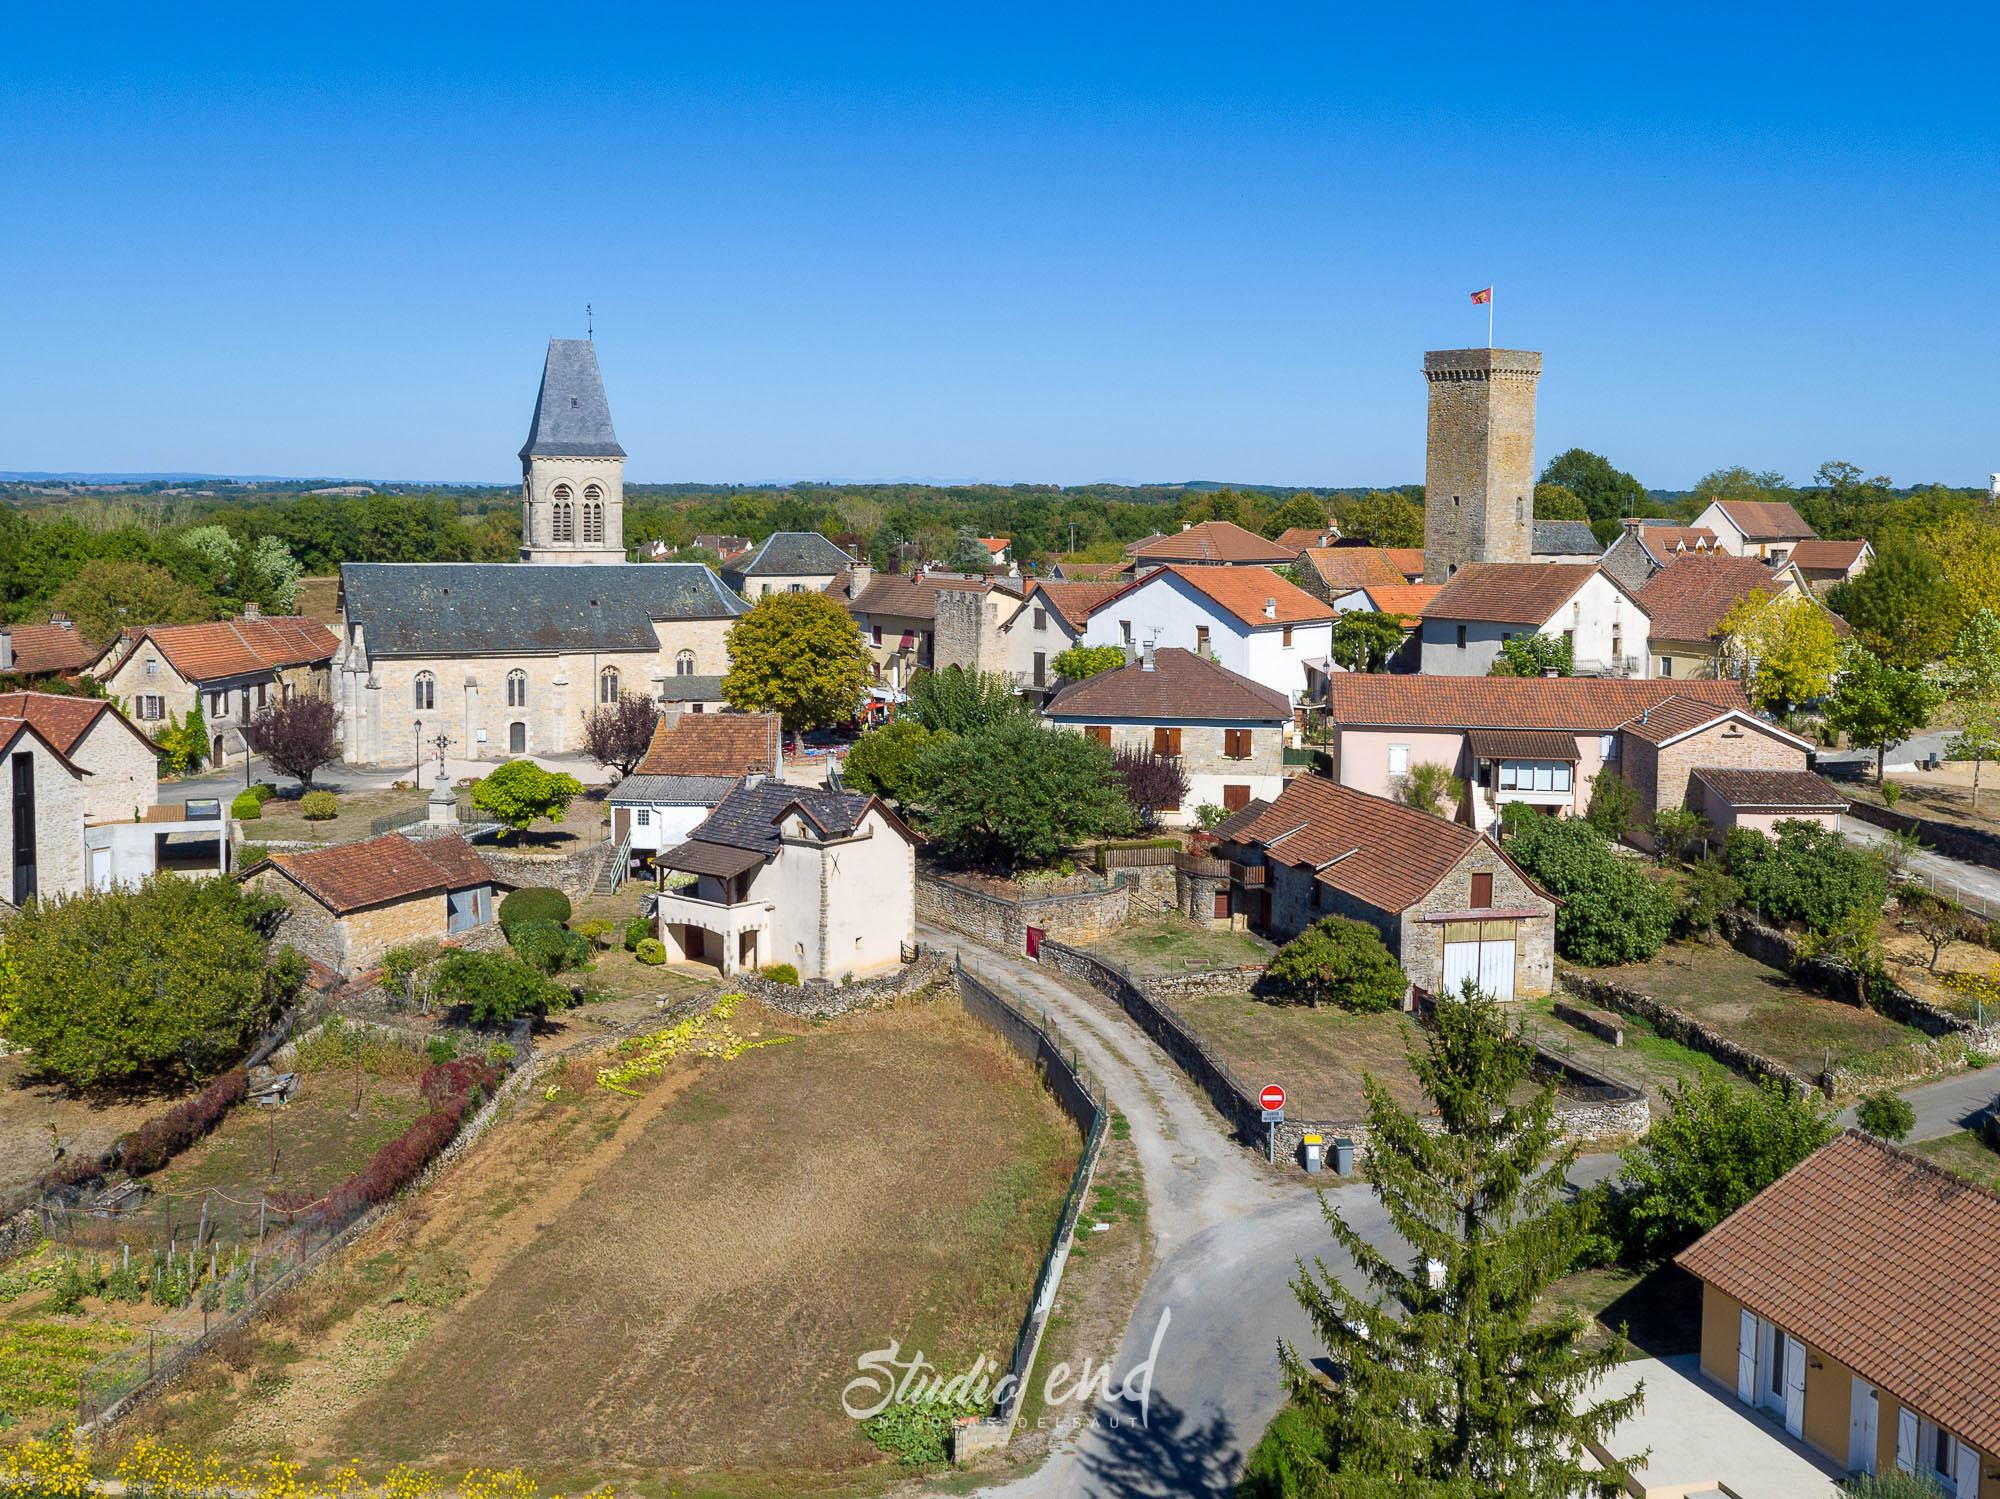 Photographie aérienne grace à un drone Naucelle Studio End